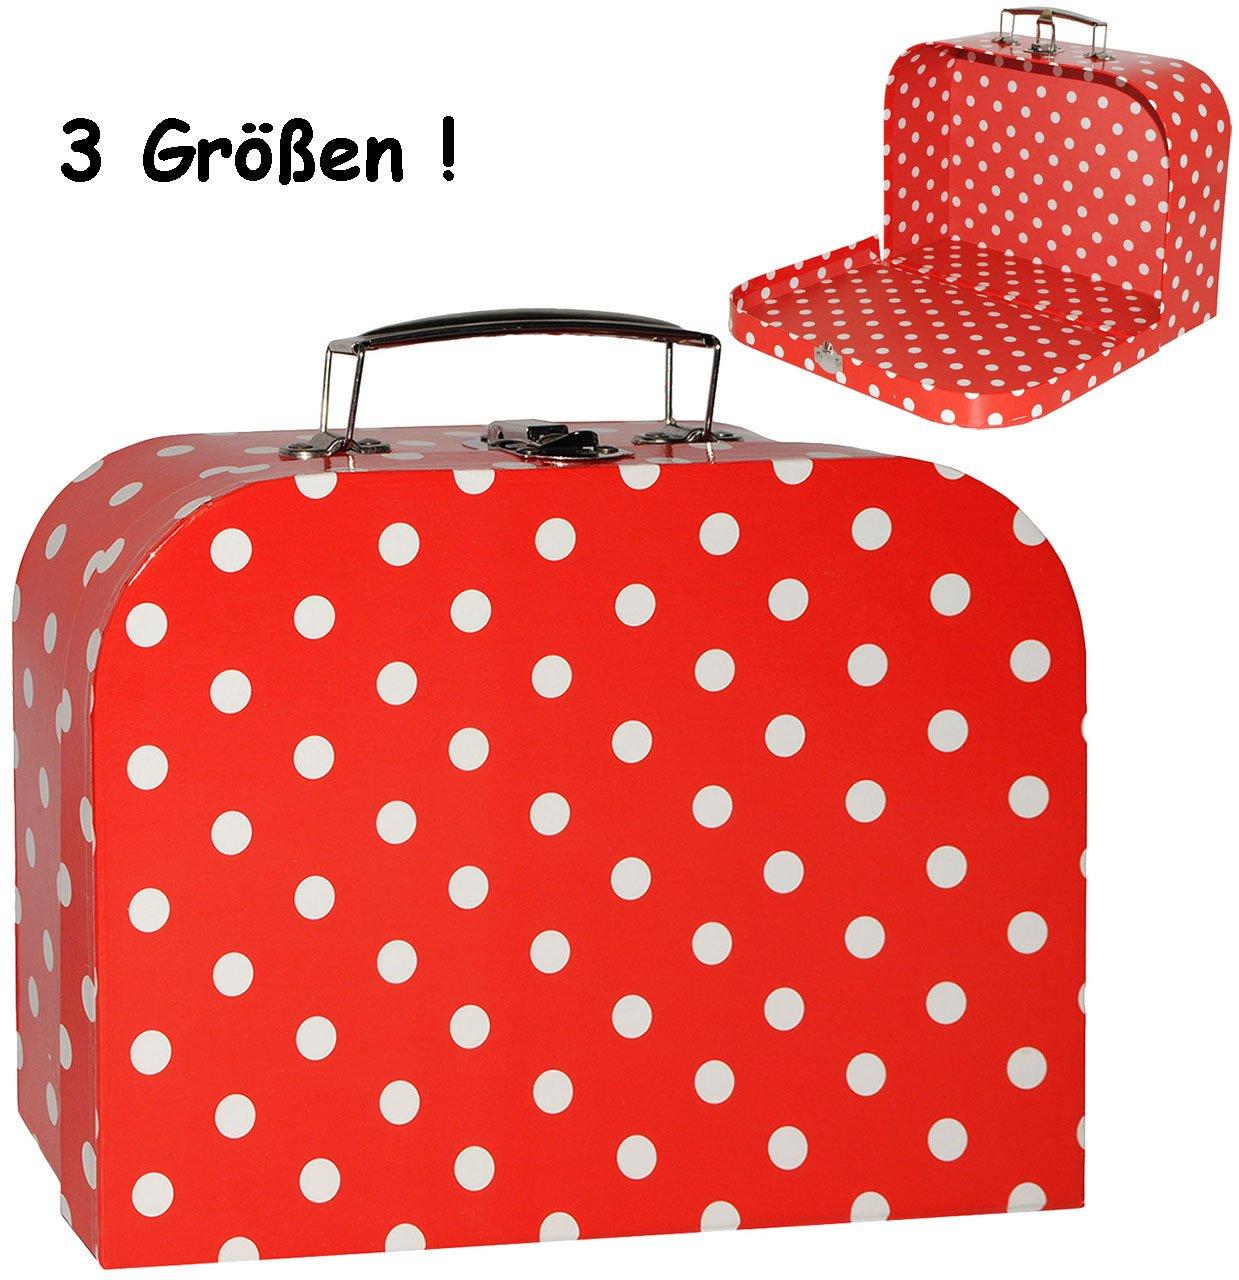 alles-meine.de GmbH 3 Stück _ Koffer / Kinderkoffer - in 3 Verschiedenen Größen - Punkte - rot & weiß - incl. Name - Kofferset - ideal für Spielzeug und als Geldgeschenk - Mä..